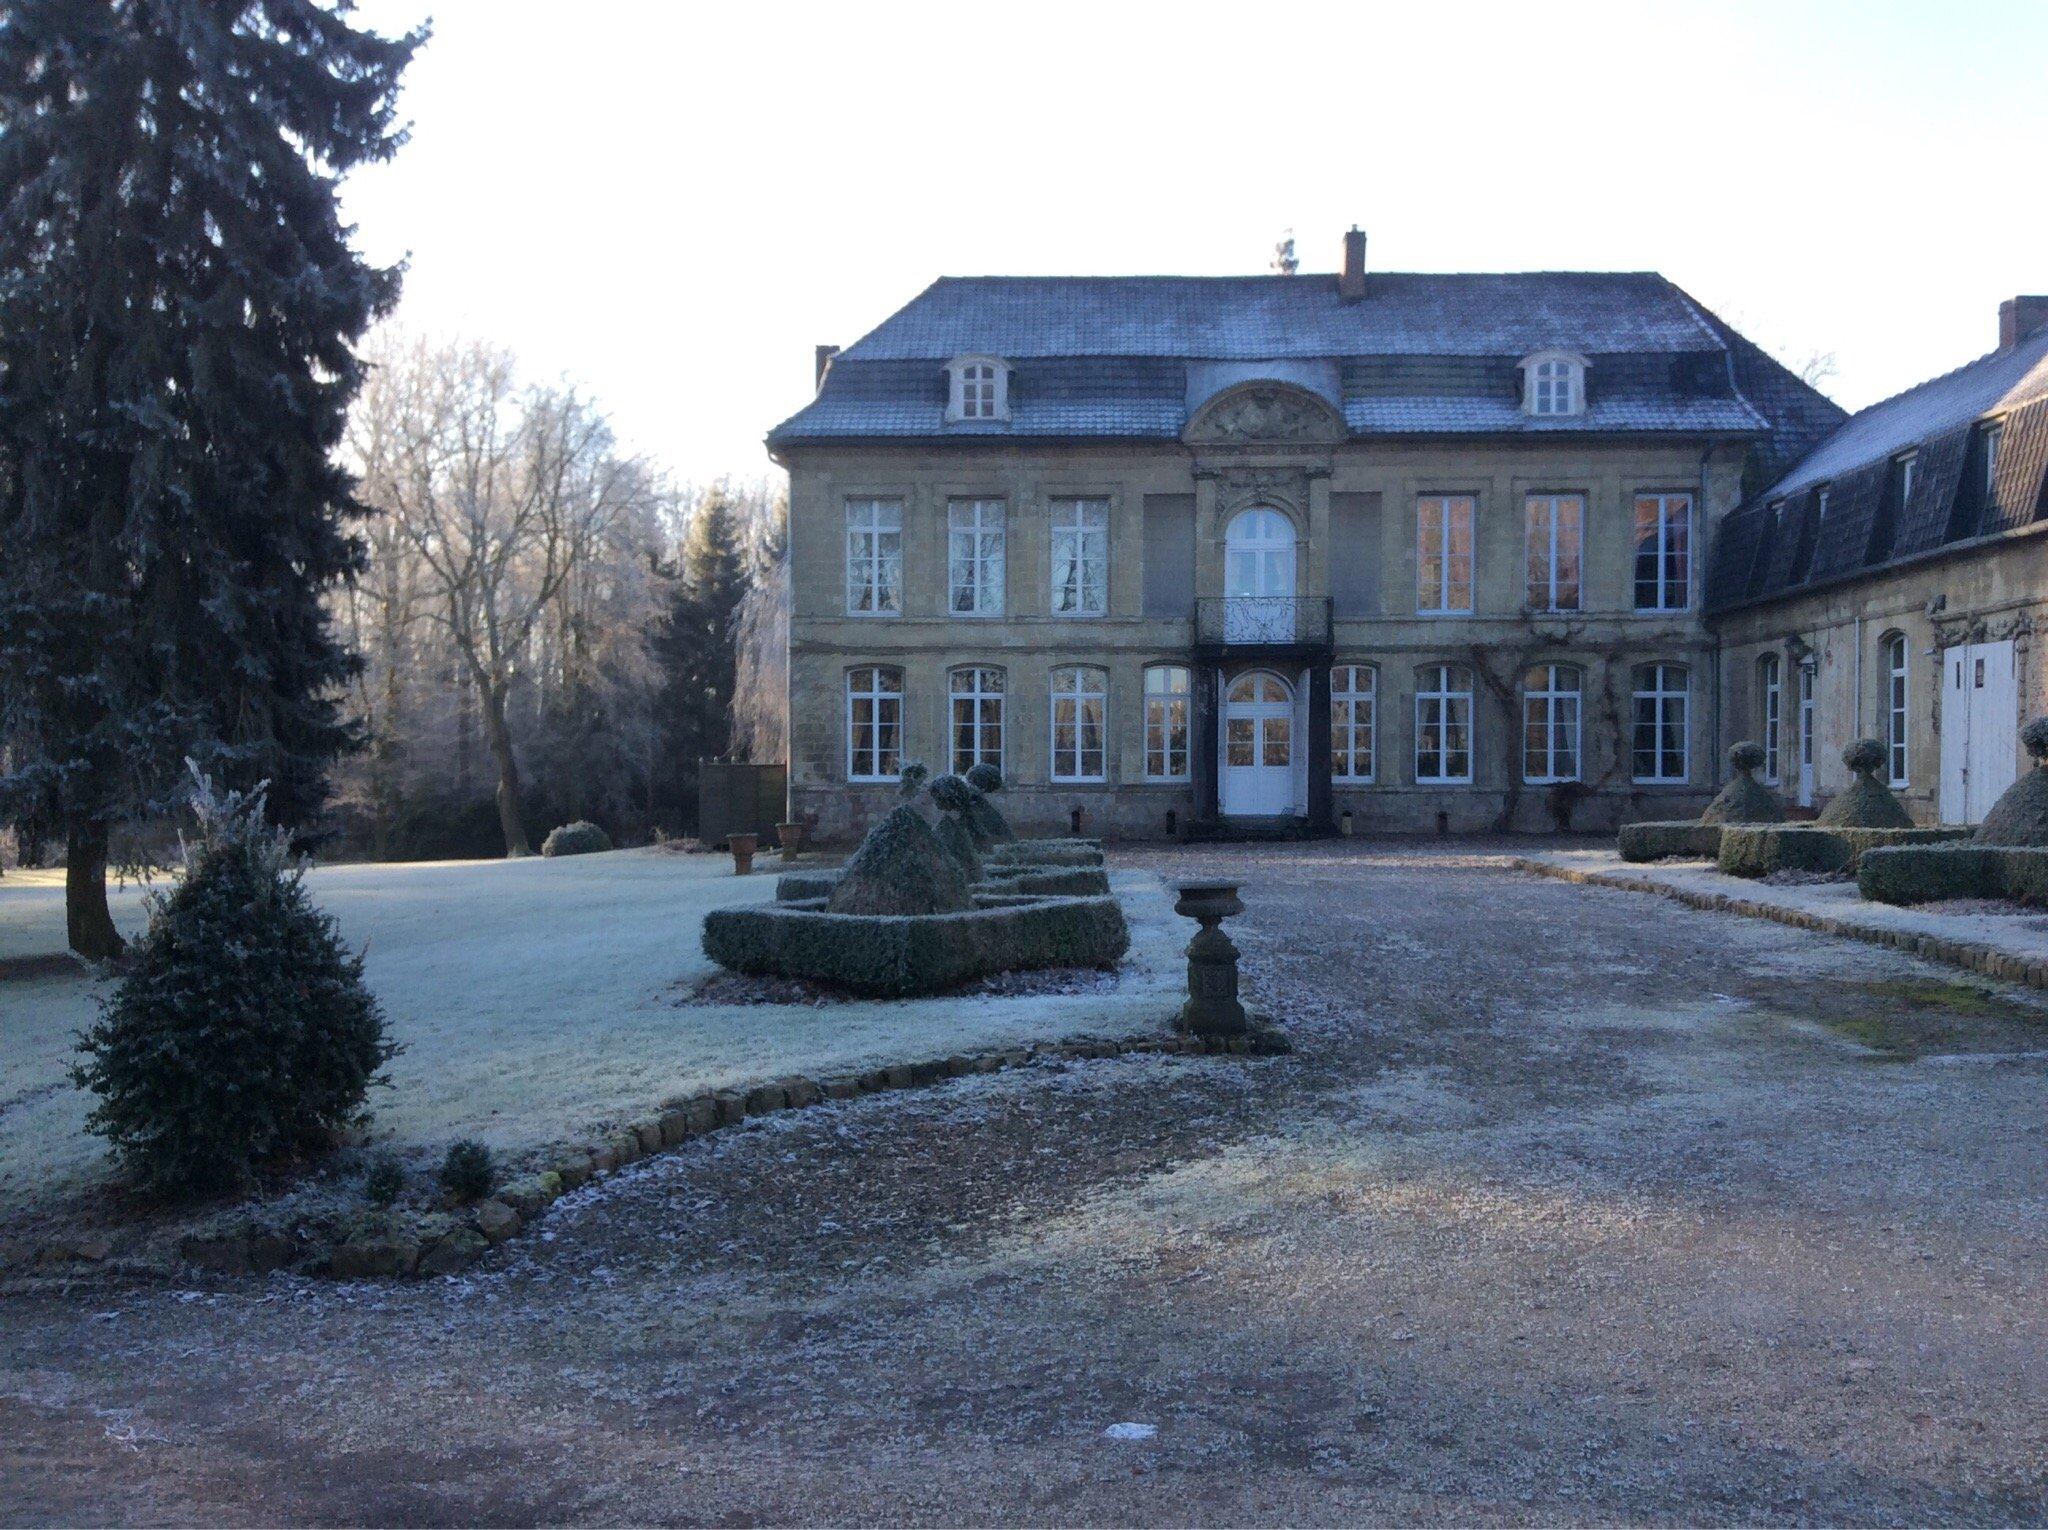 Chateau d'En Haut